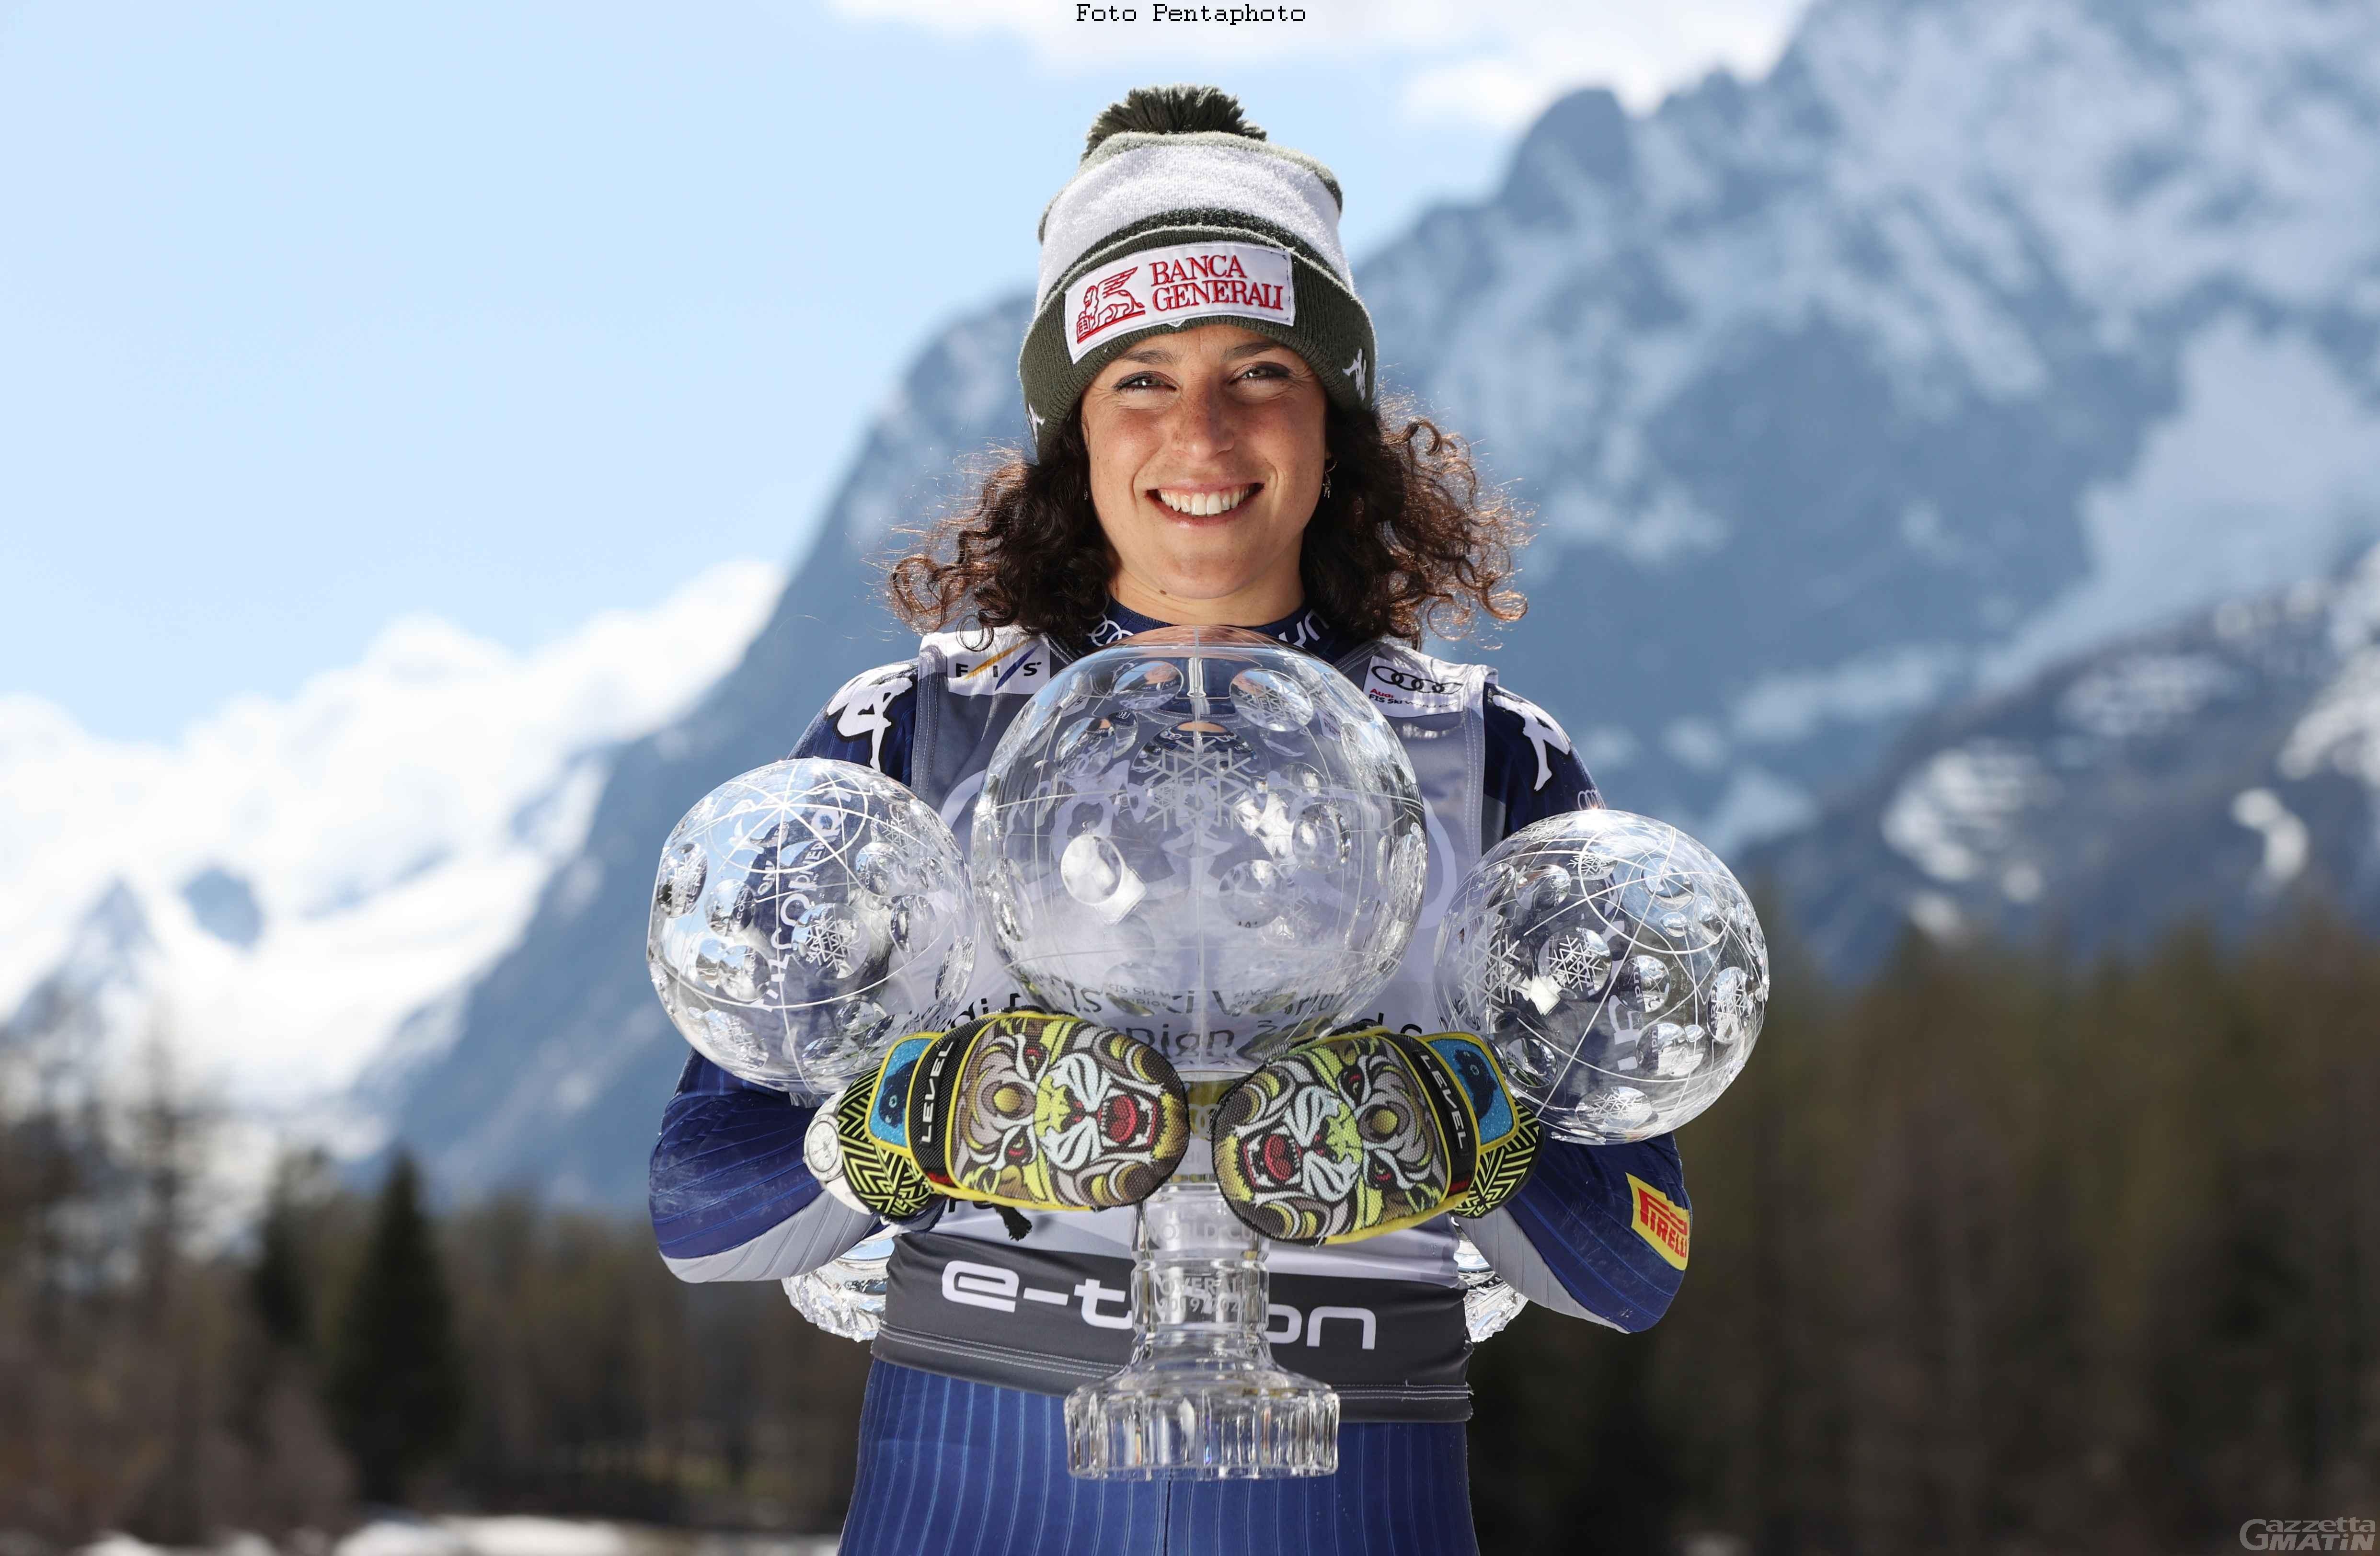 Siviglia: Federica Brignone in lizza ai Laureus World Sports Awards 2021